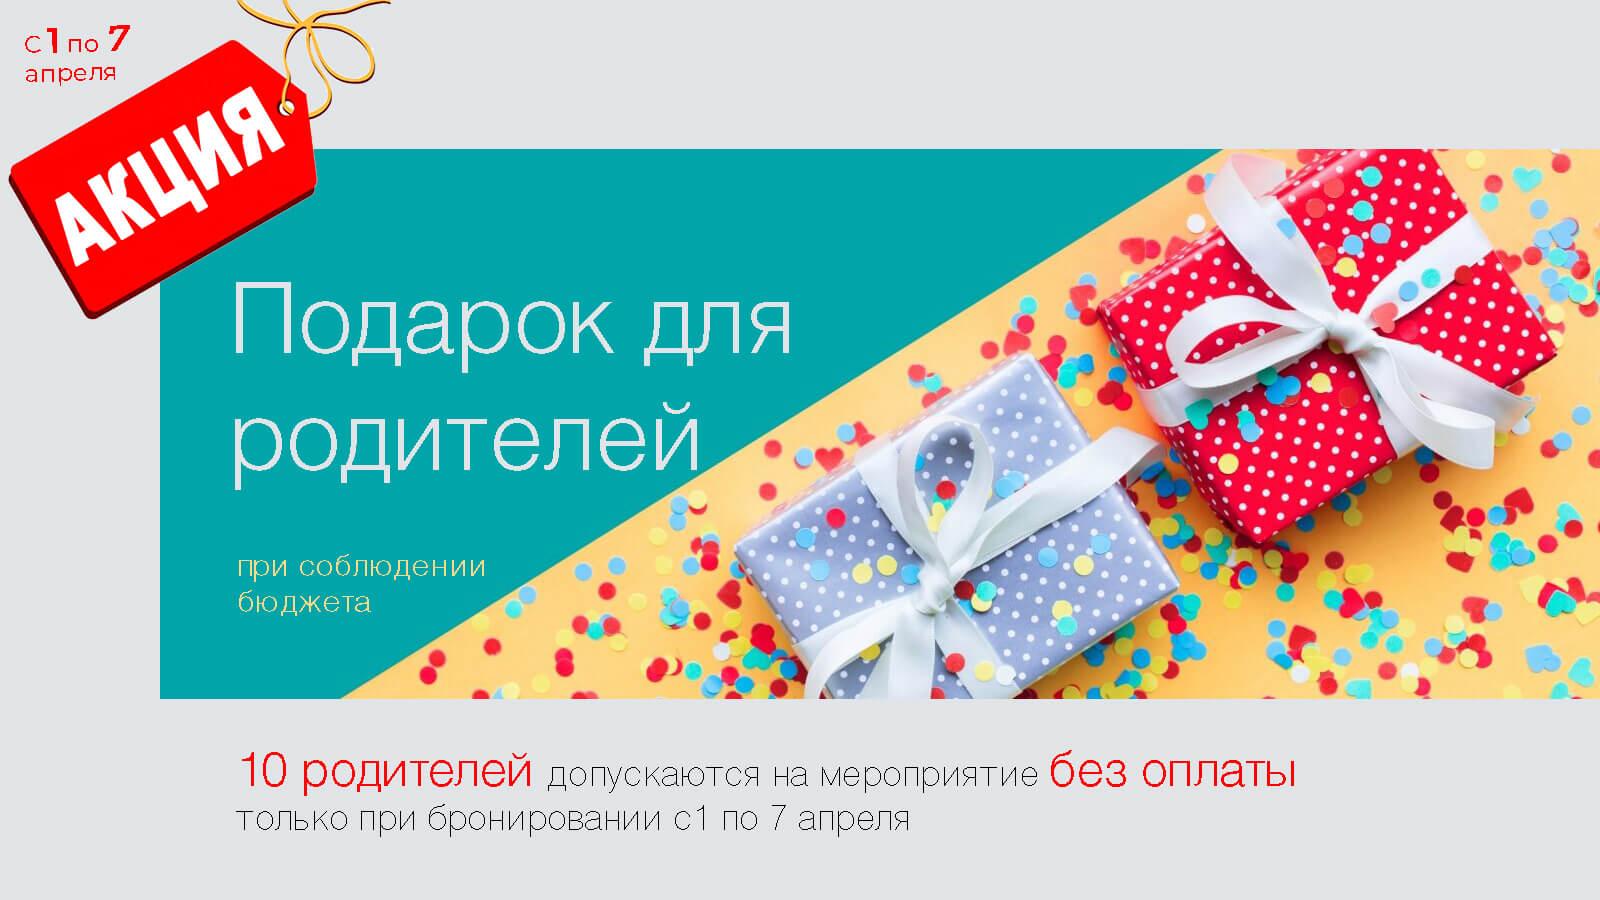 акция 1-7 апреля для родителей москва